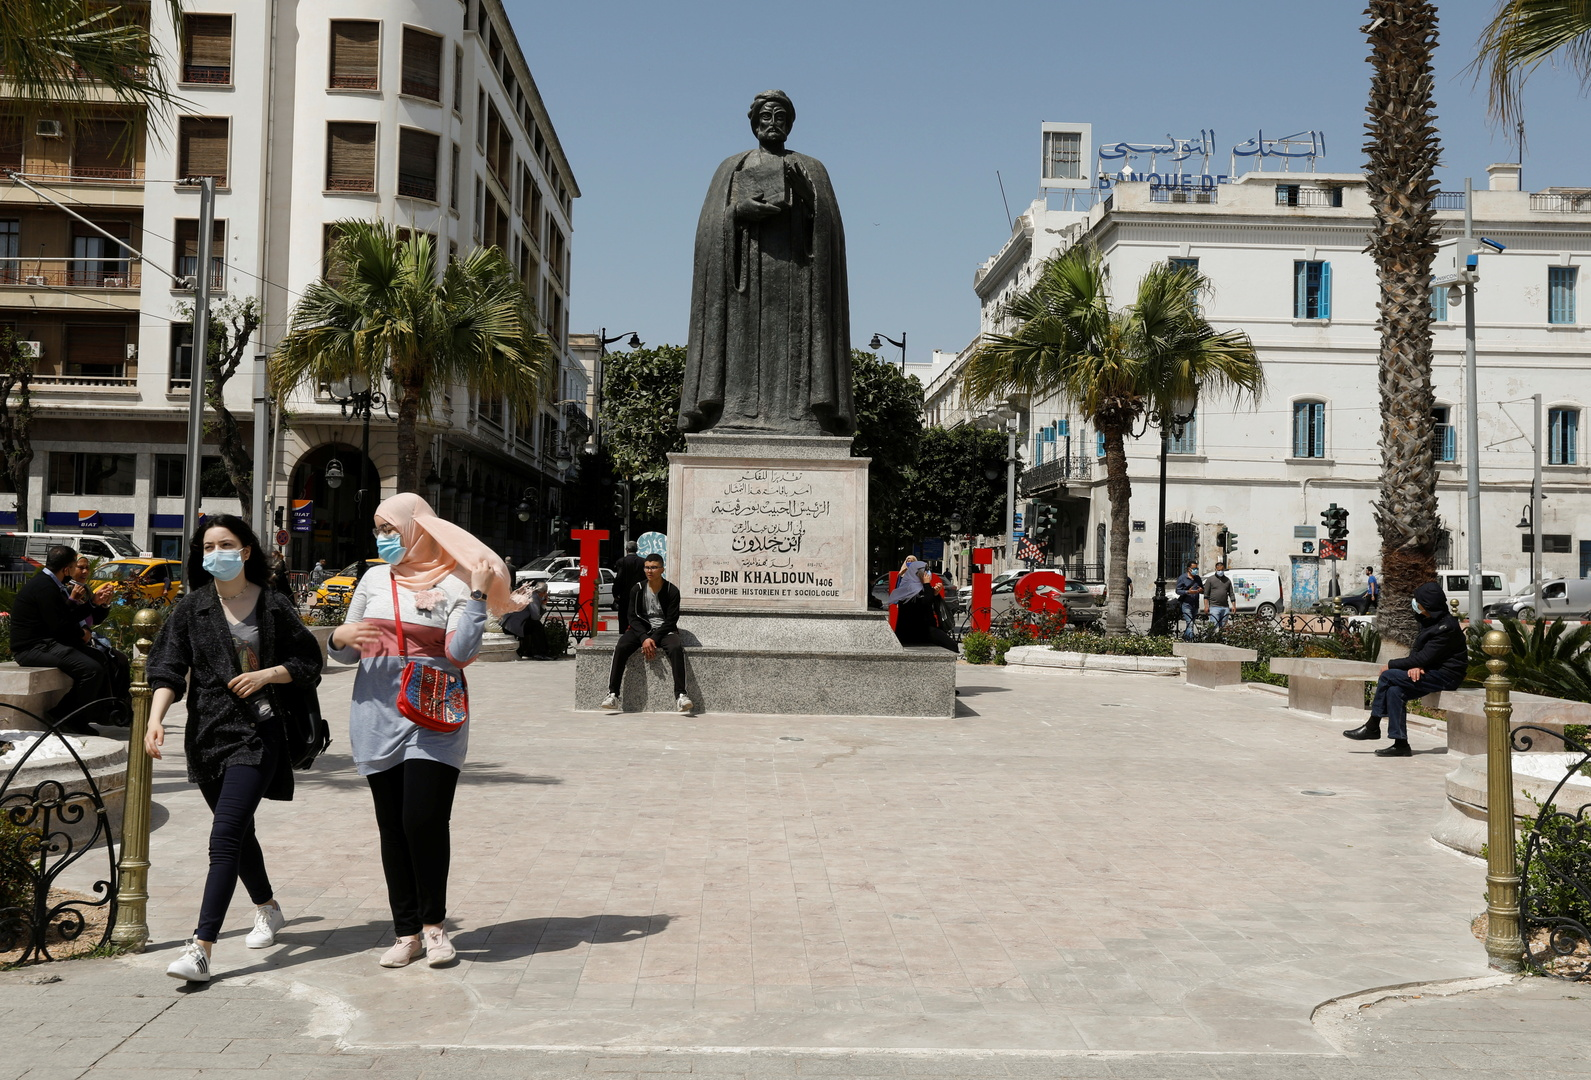 تونس تسجل ارتفاعا قياسيا في عدد الإصابات بكورونا